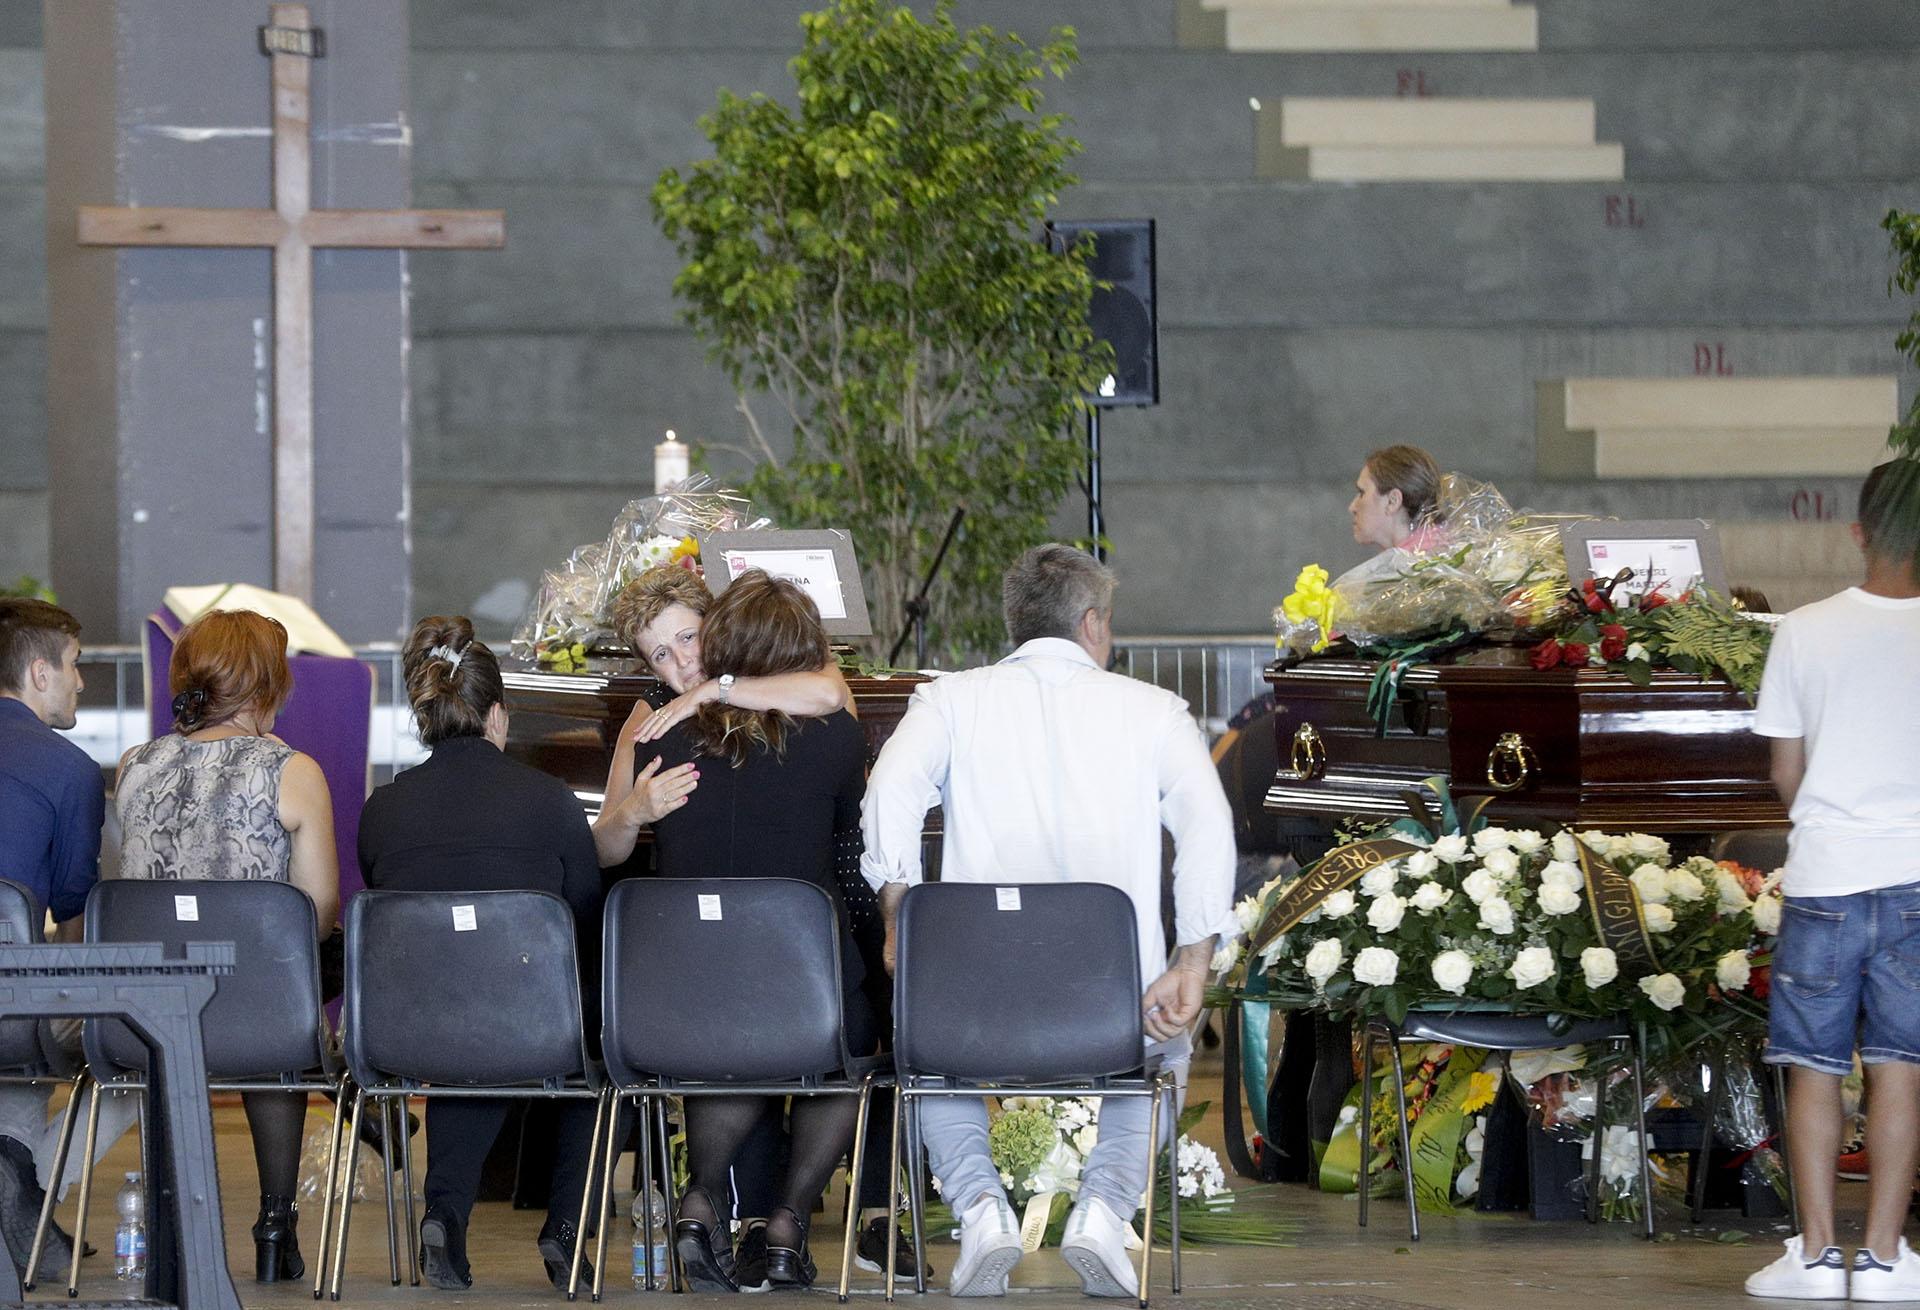 Italia de luto por la tragedia en Génova. (AP Photo/Gregorio Borgia)